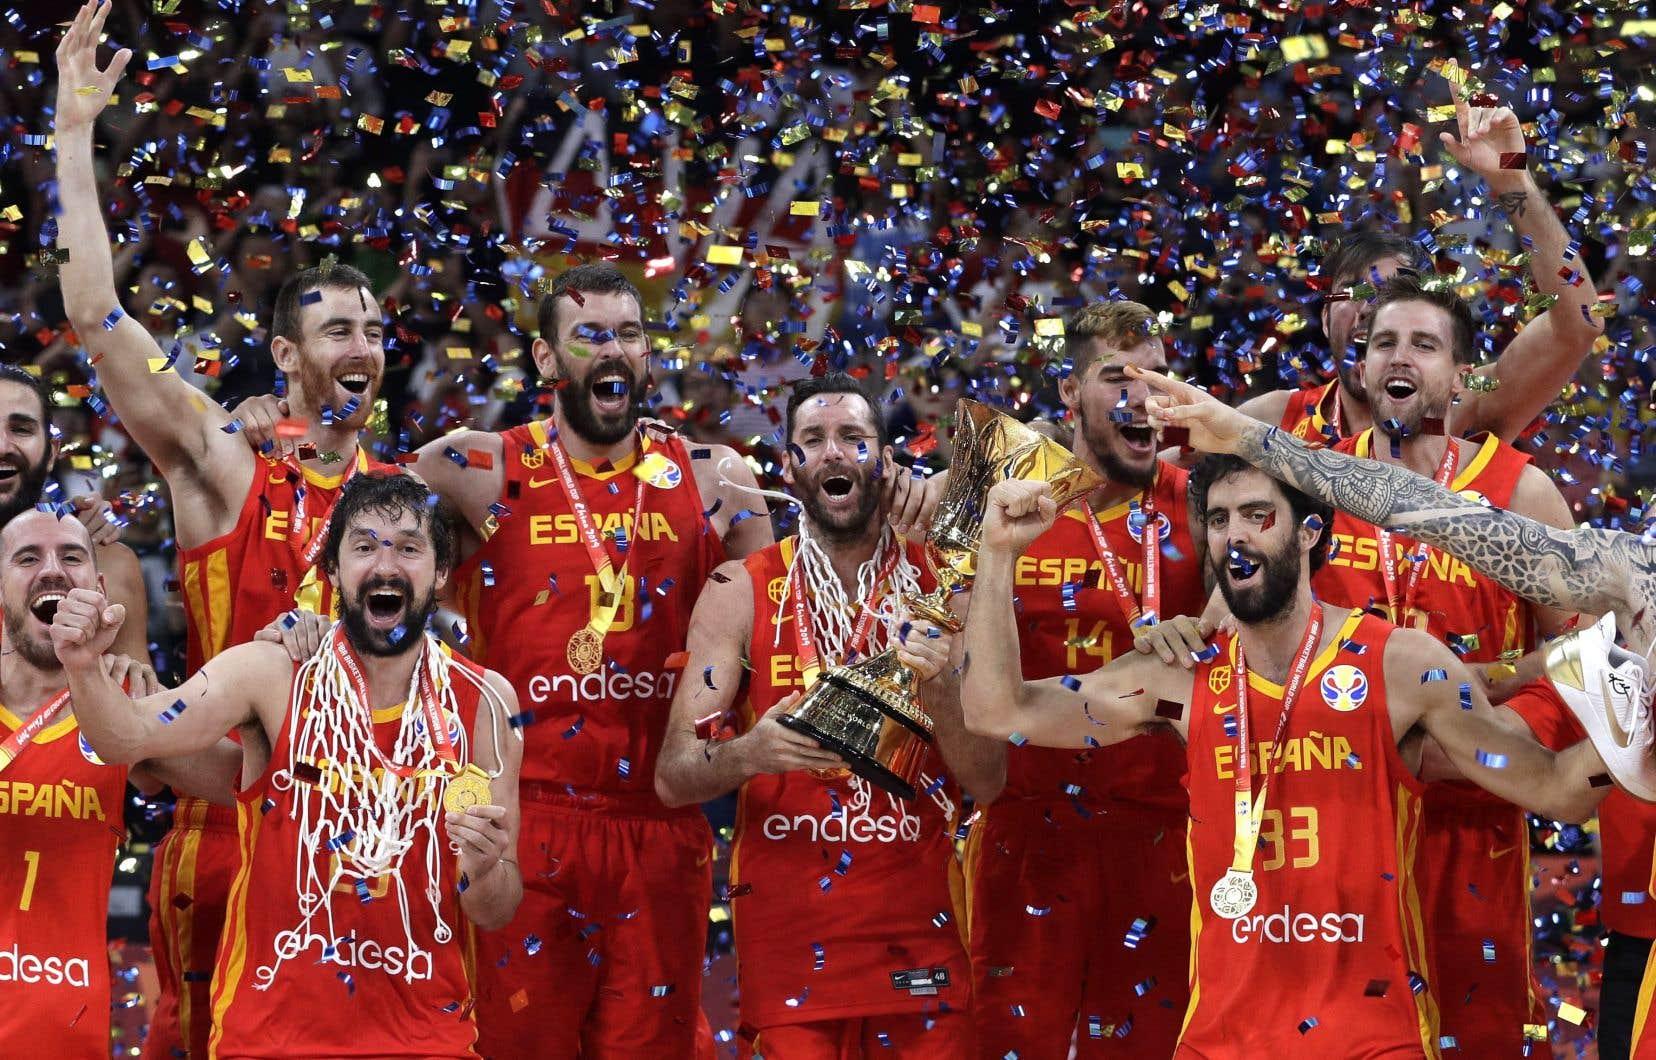 L'Espagne et l'Argentine sont qualifiées pour les Jeux olympiques de Tokyo, en 2020.